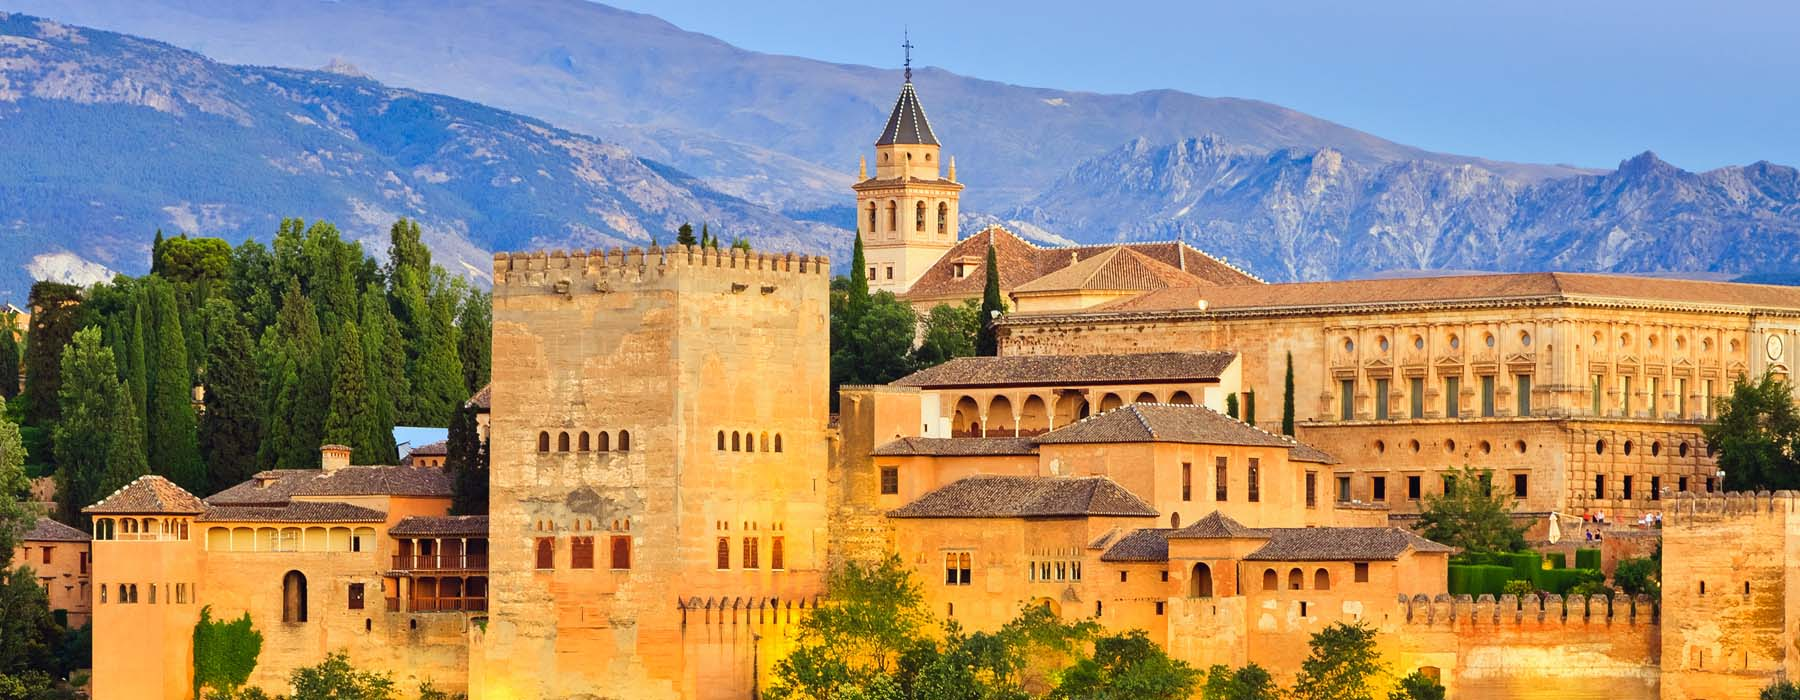 Tour Gratis Monumental Granada